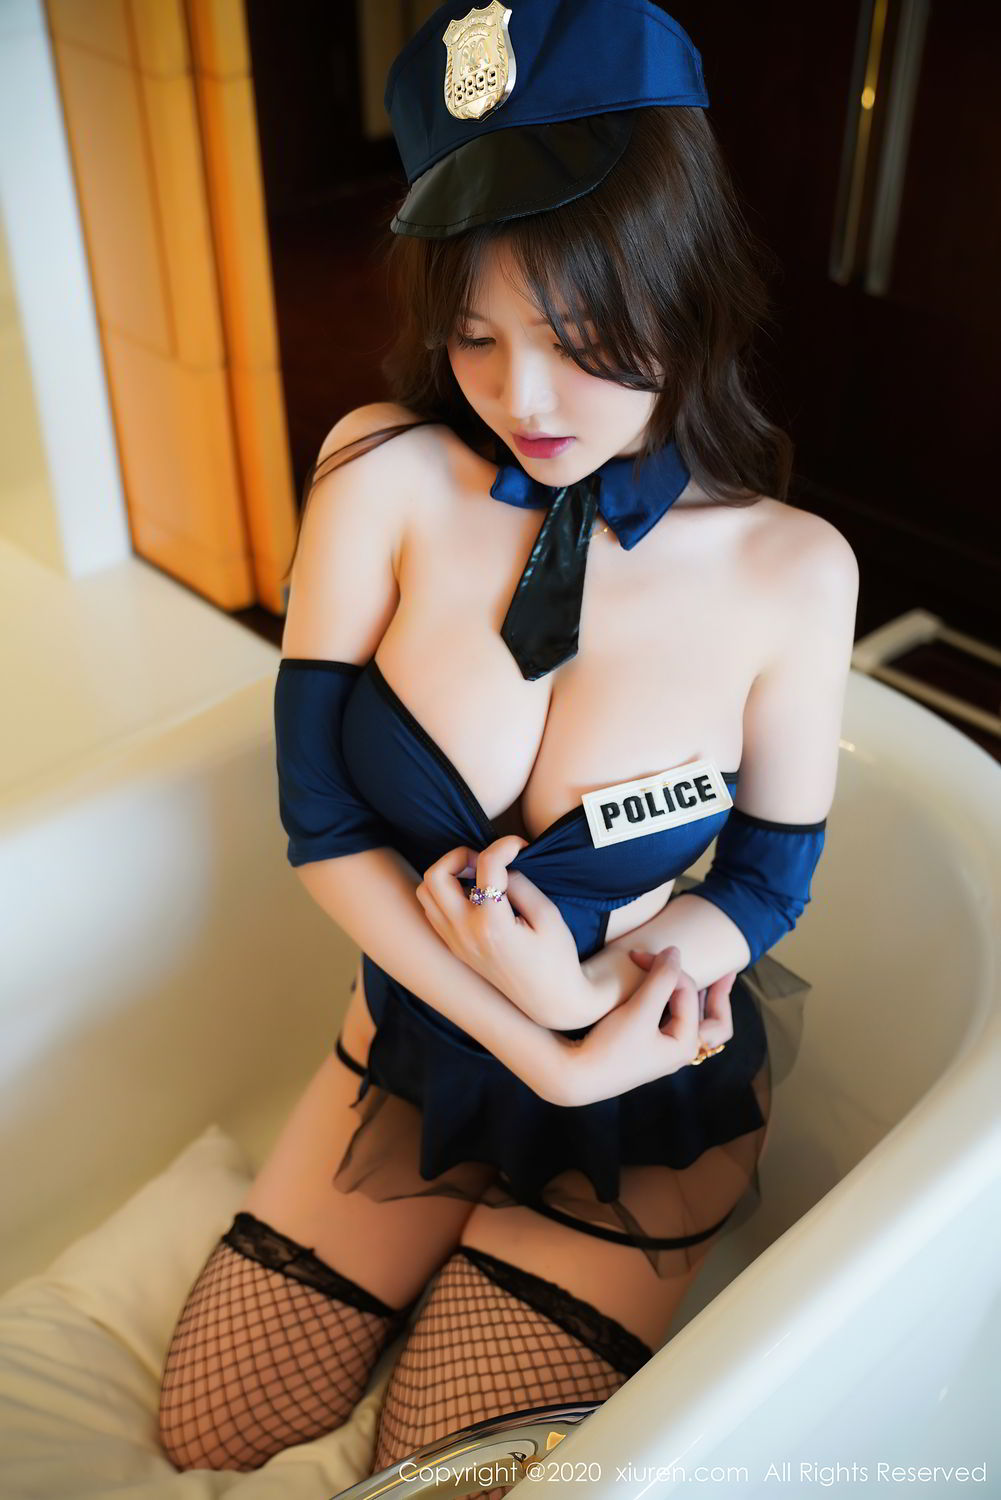 [XiuRen] Vol.2496 Nuo Mei Zi 11P, Baby Face Big Boobs, Black Silk, Mini Da Meng Meng, Policewoman, Xiuren, 肉晴